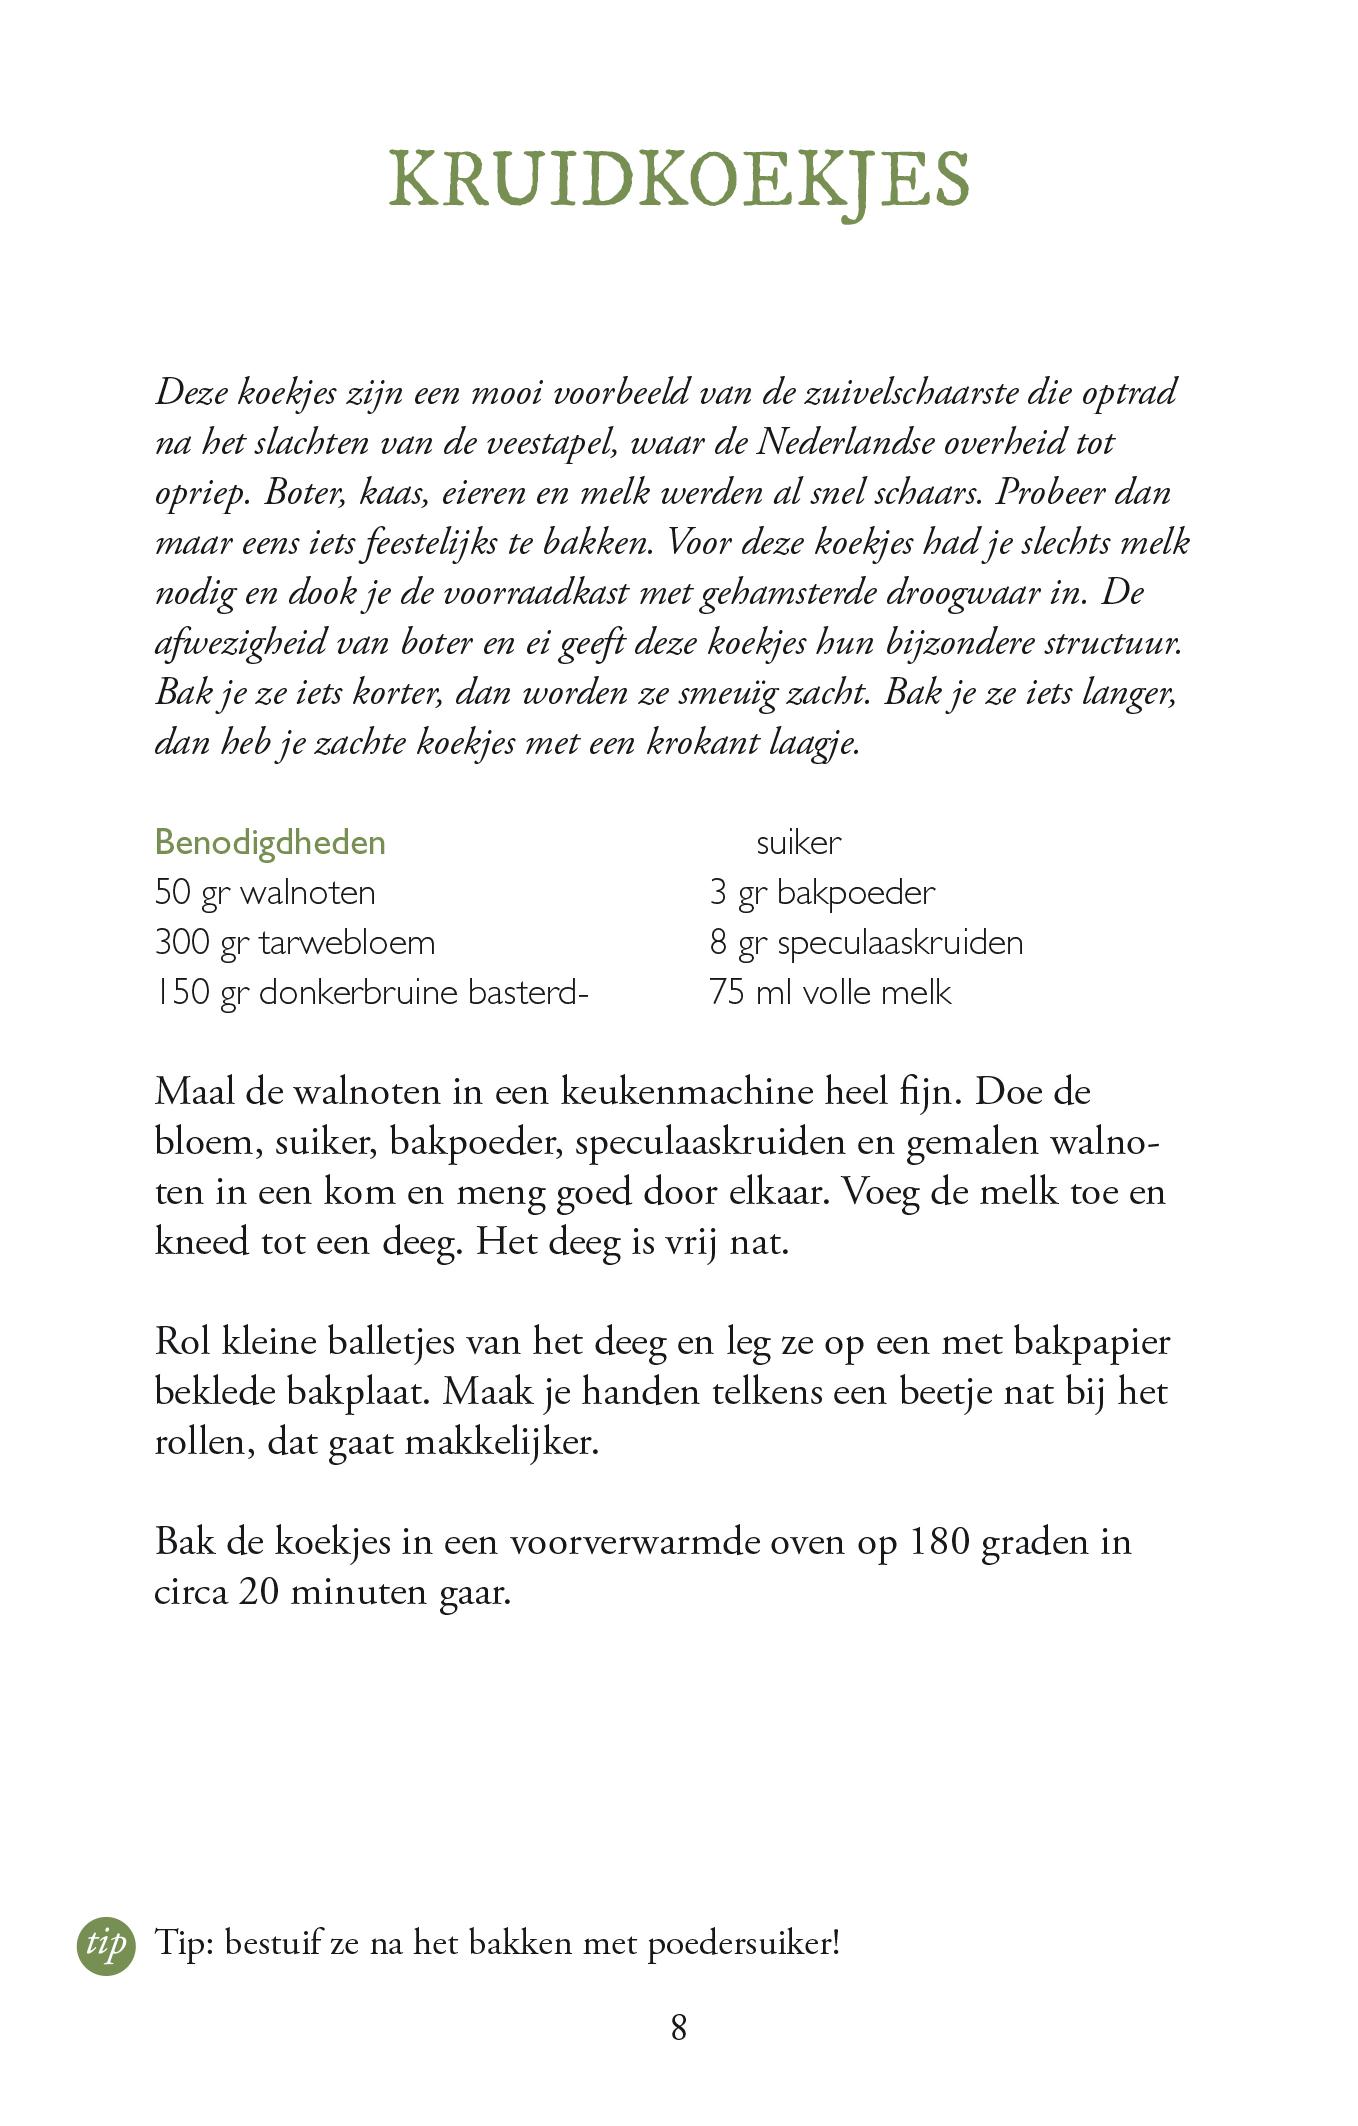 Kruidkoekjes uit Koken in Oorlogstijd